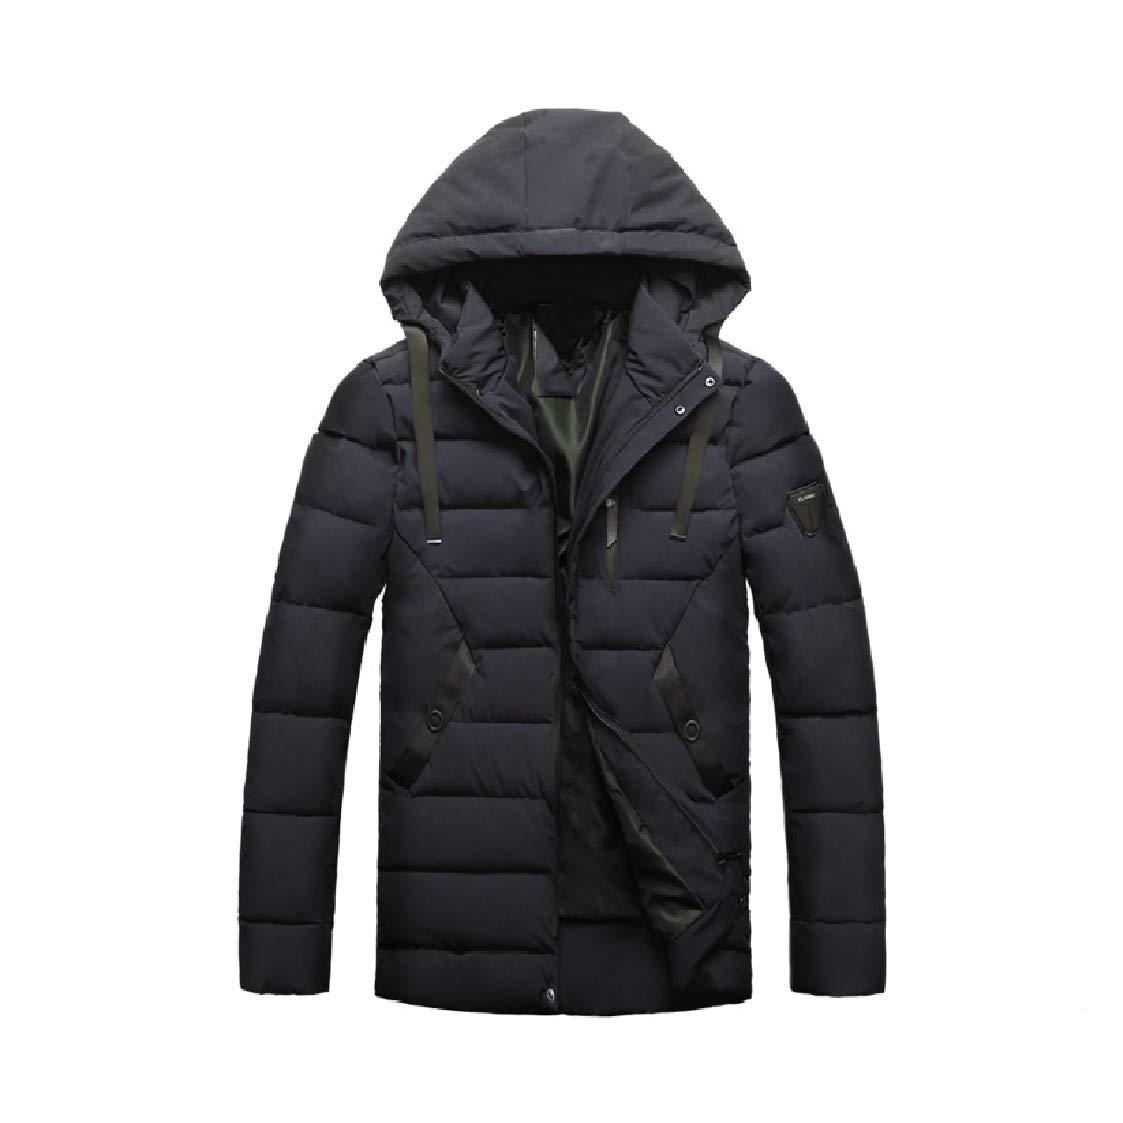 DressUMen Winter Full-Zip Relaxed-Fit Outwear Keep Warm Hooded Pea Coat Jacket